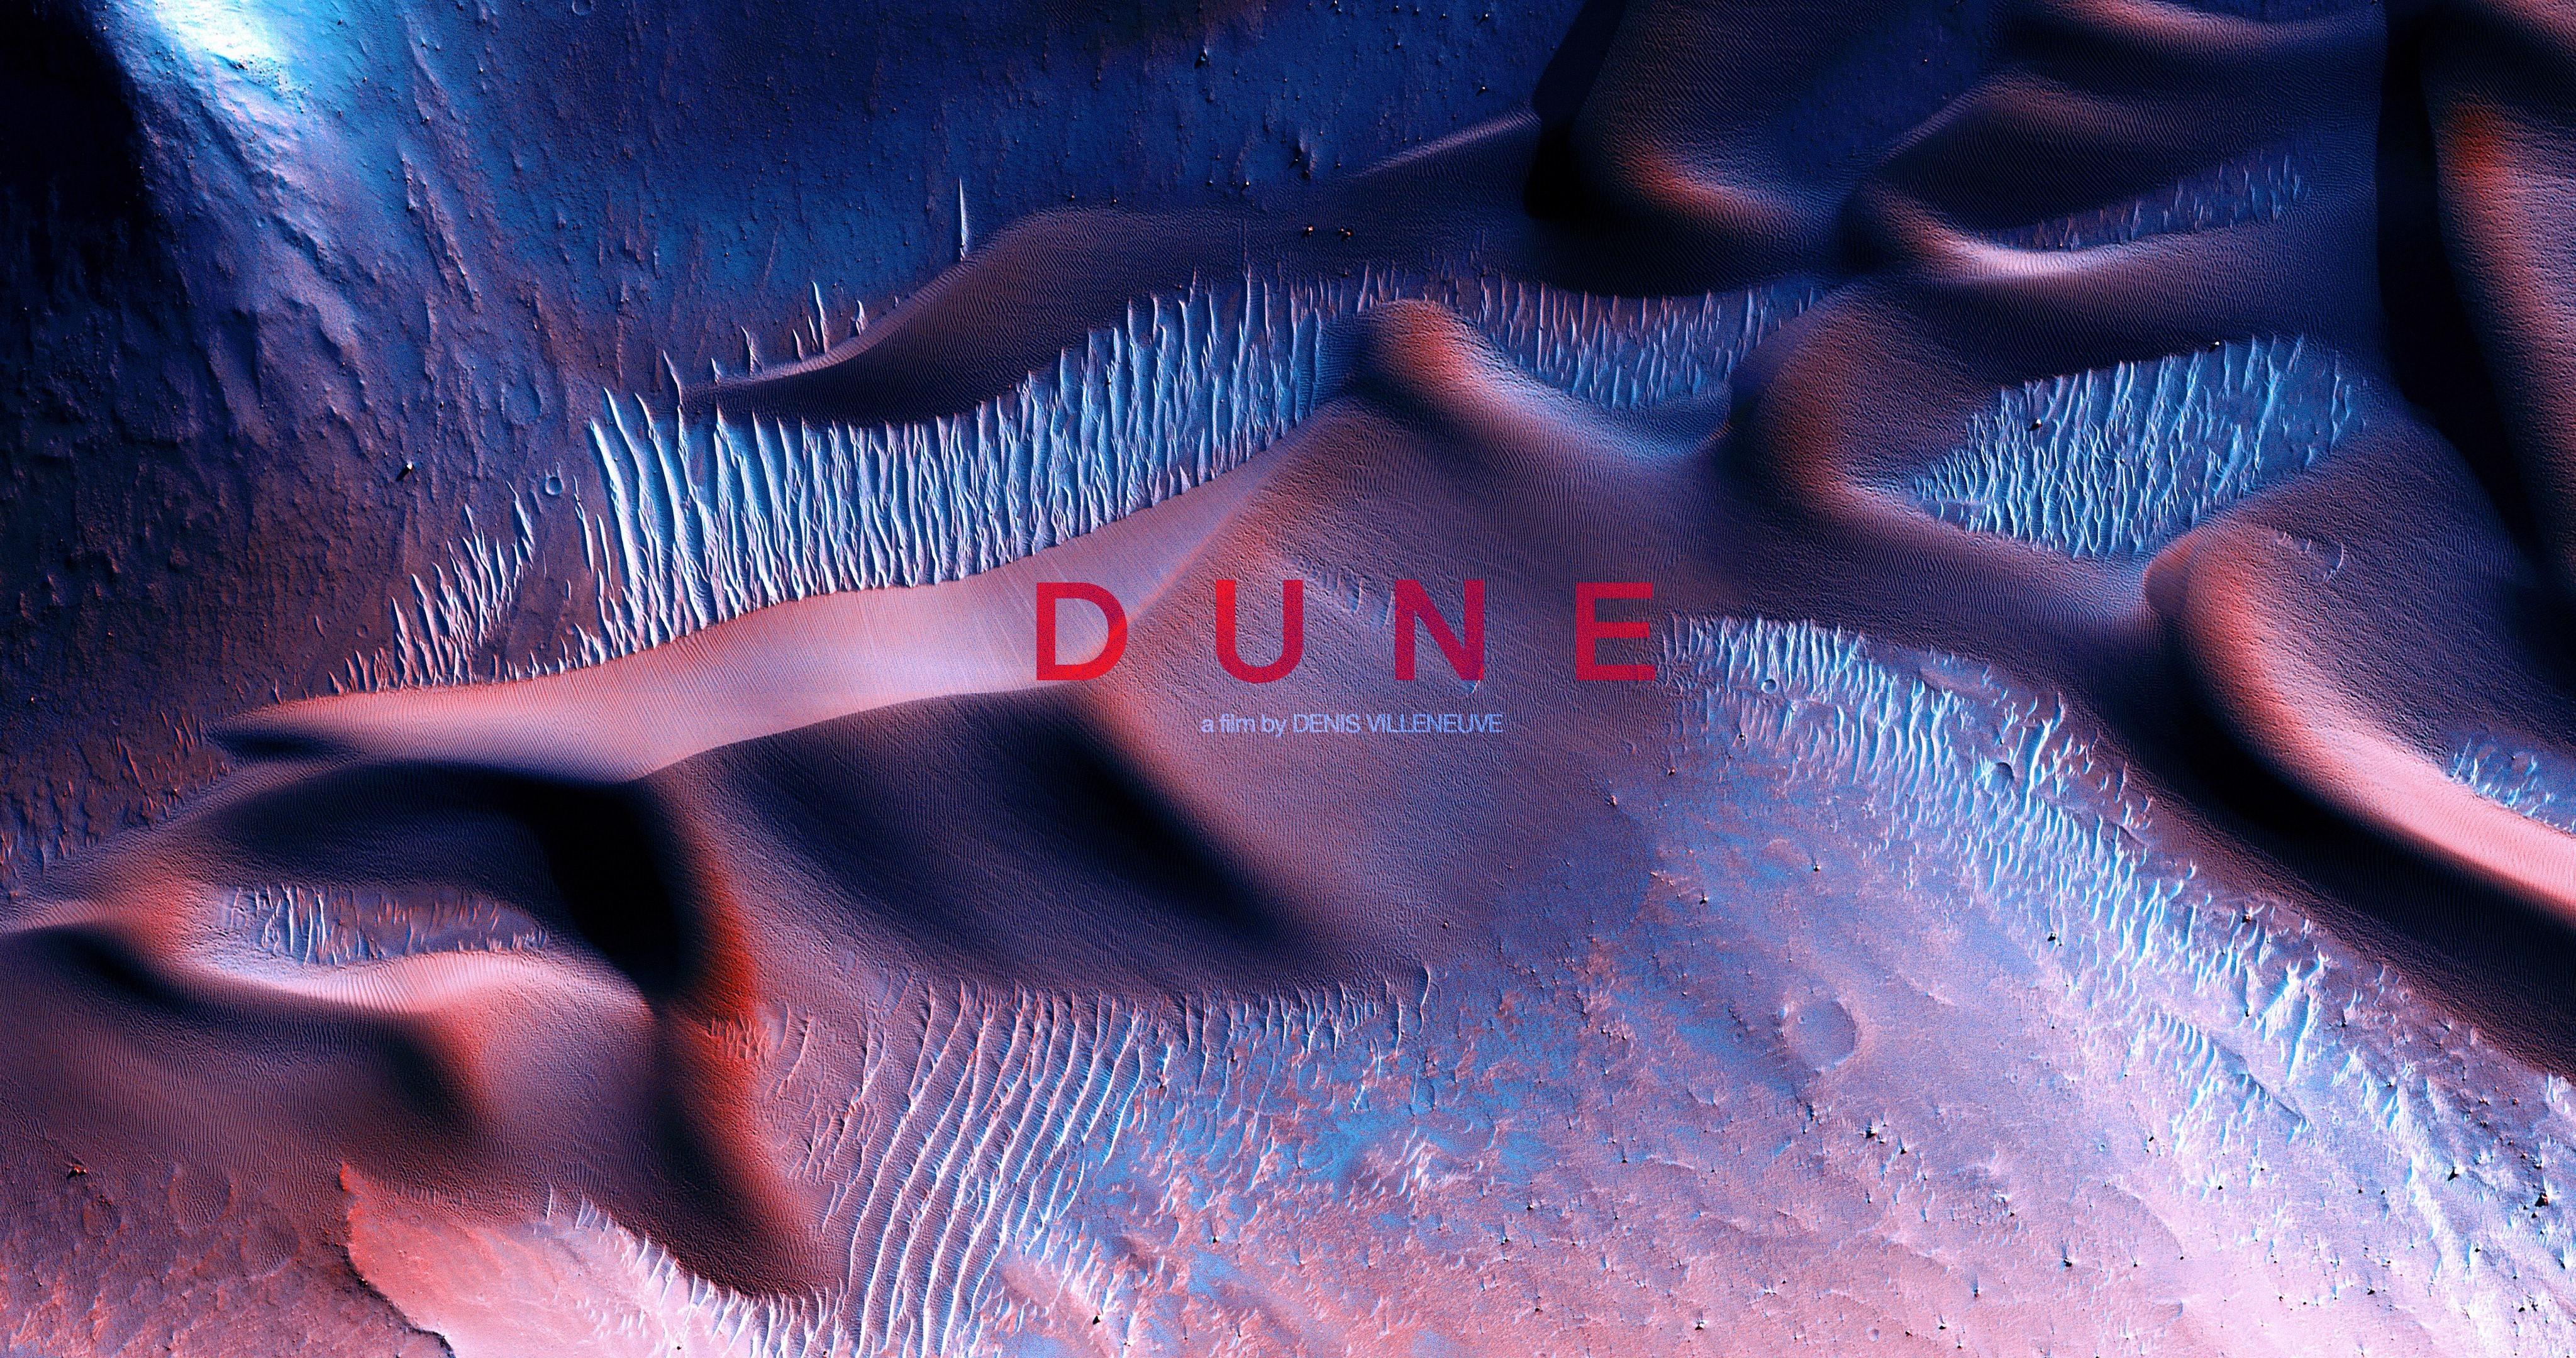 Dune 2020 Film 4K Wallpaper   WallpaperArc 4096x2160